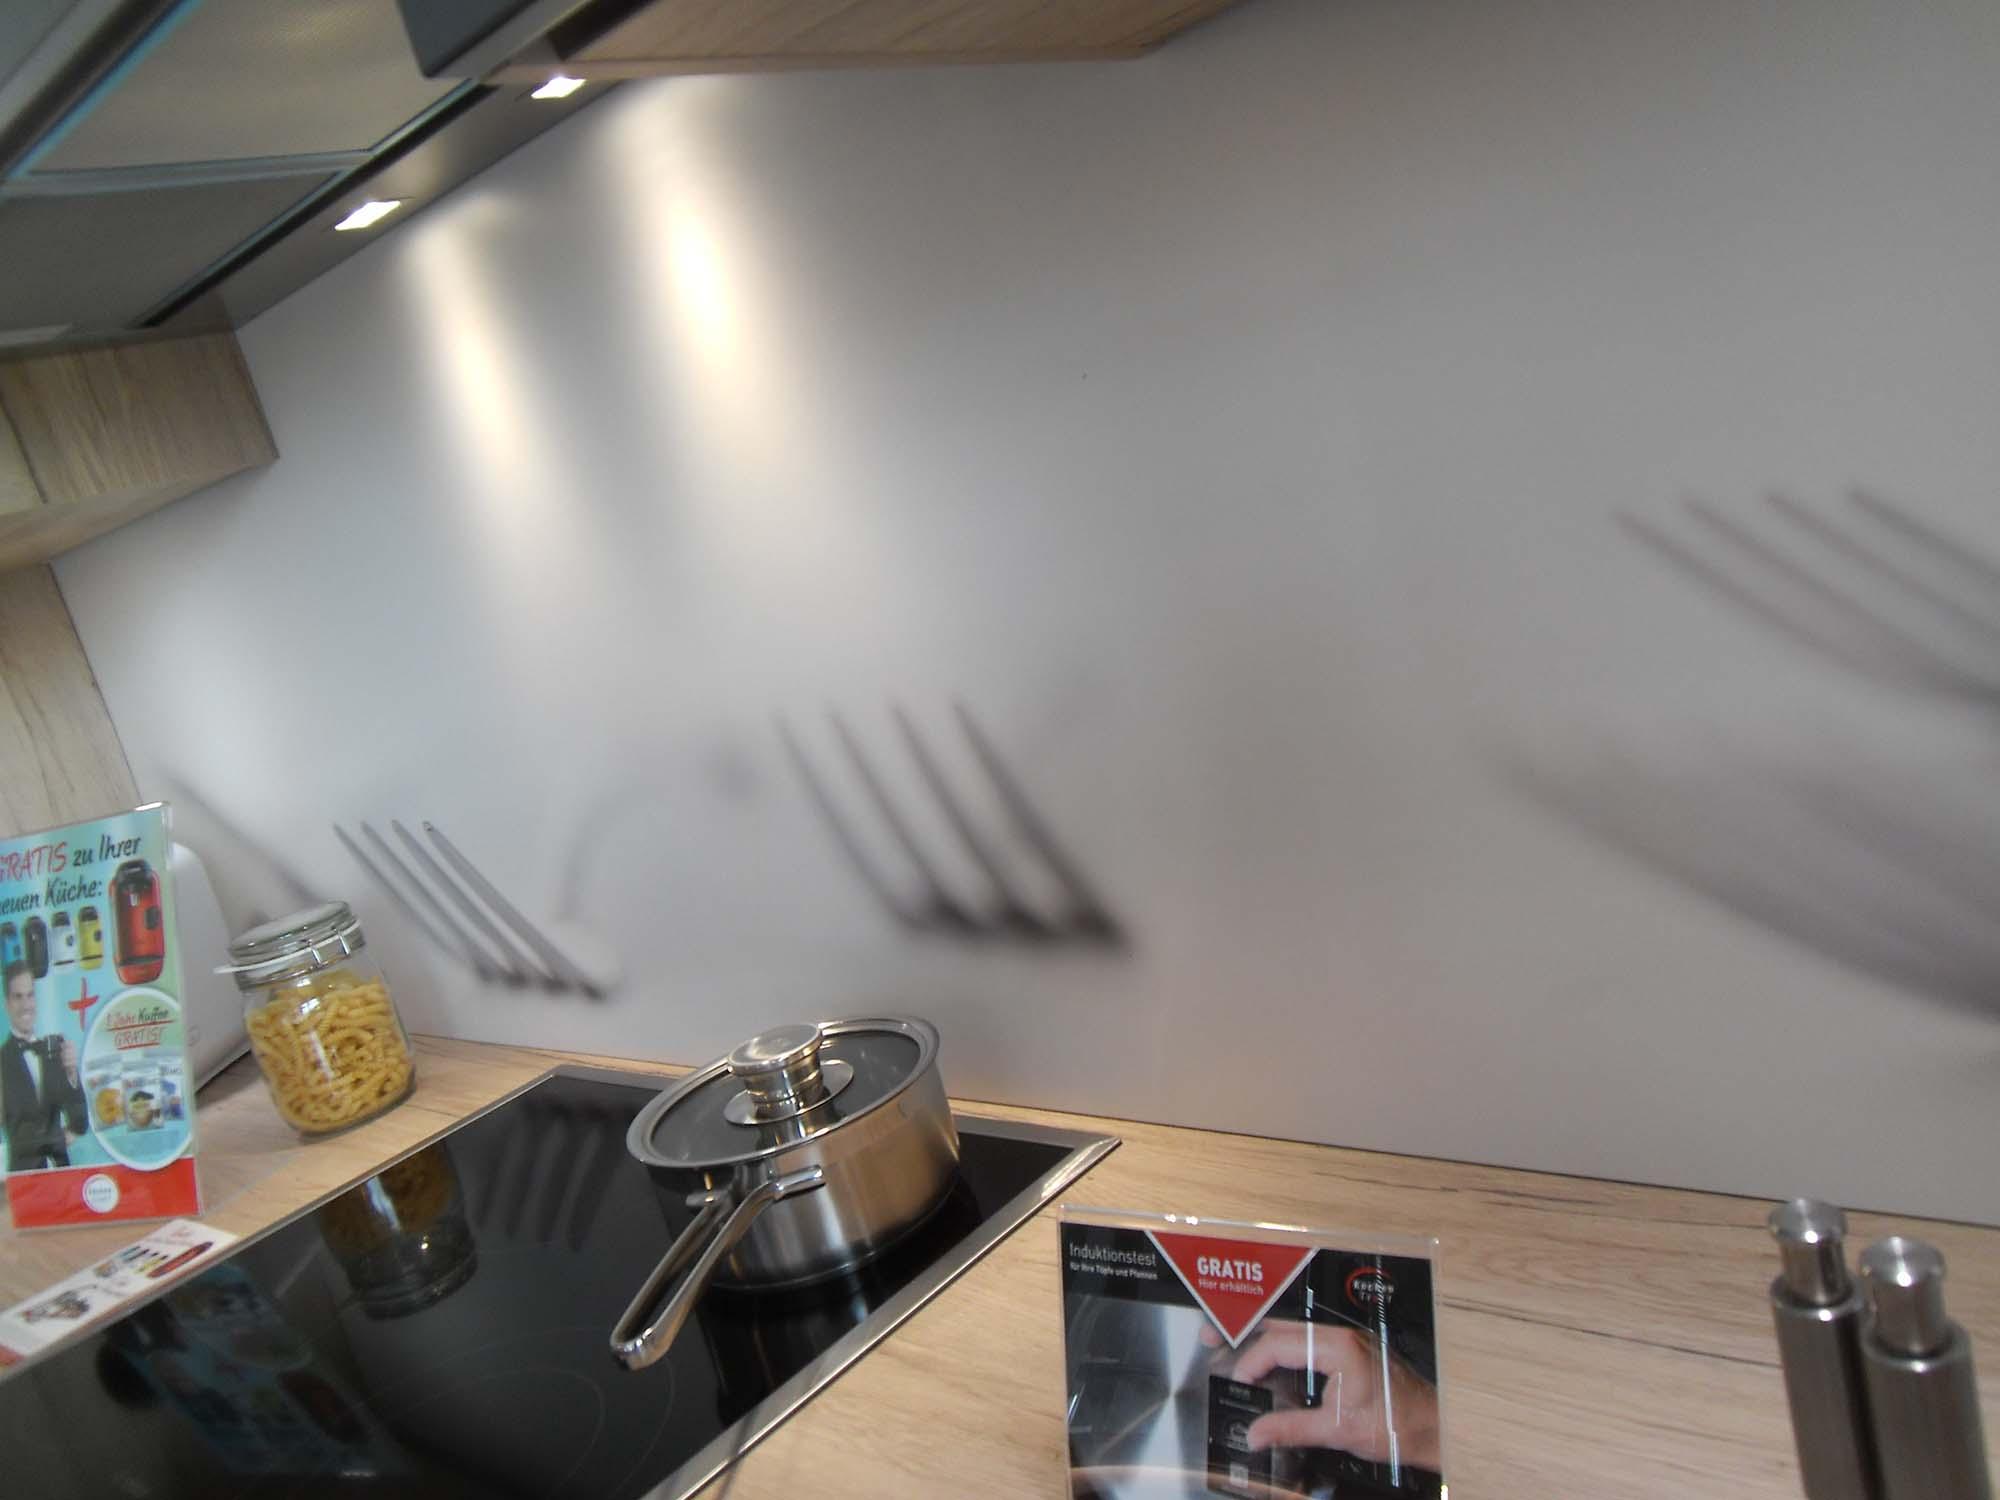 Nischenplatte Kunststoff mit dekorativem Motiv - Küche Life Style